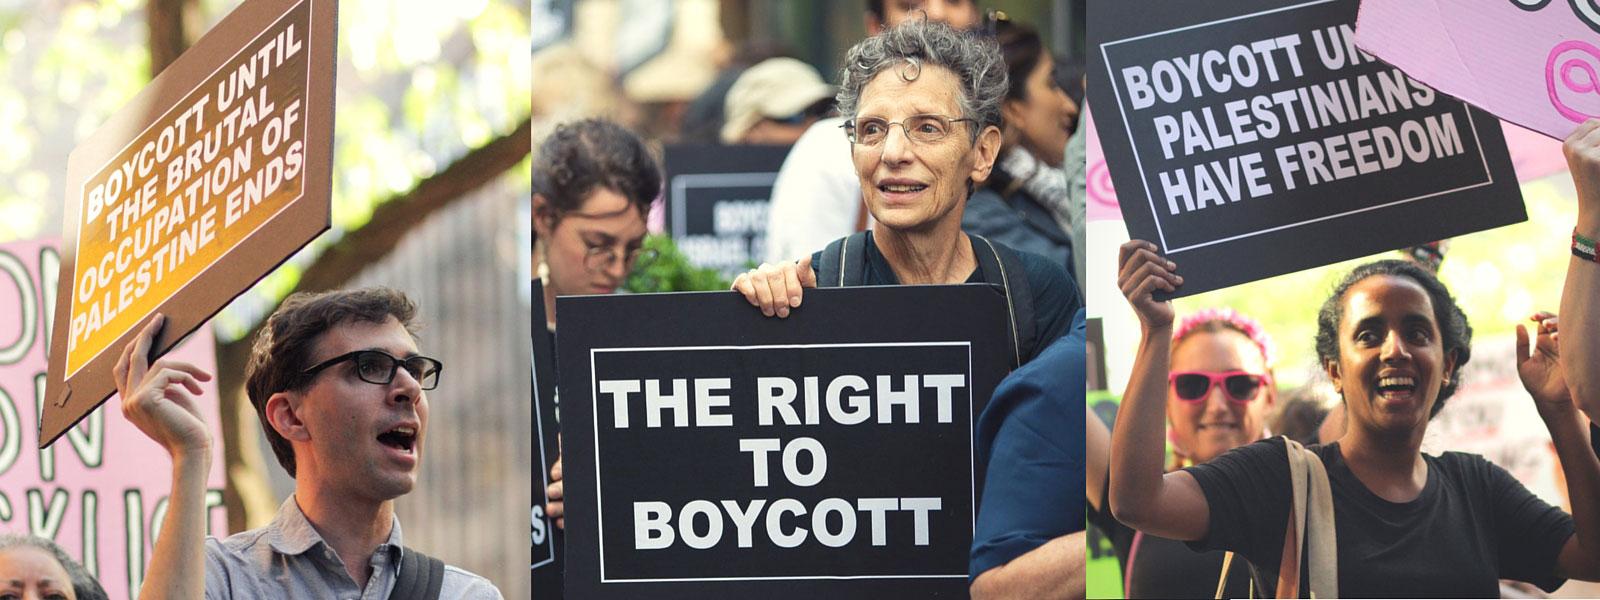 Freedom-to-boycott-1600